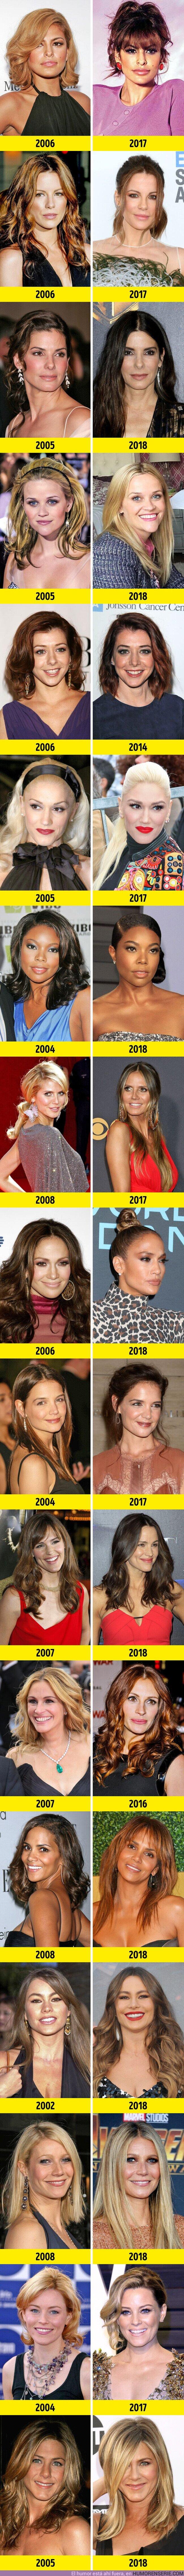 61263 - GALERÍA: 17 Celebridades femeninas que tienen más de 40 años, pero se ven como de 25